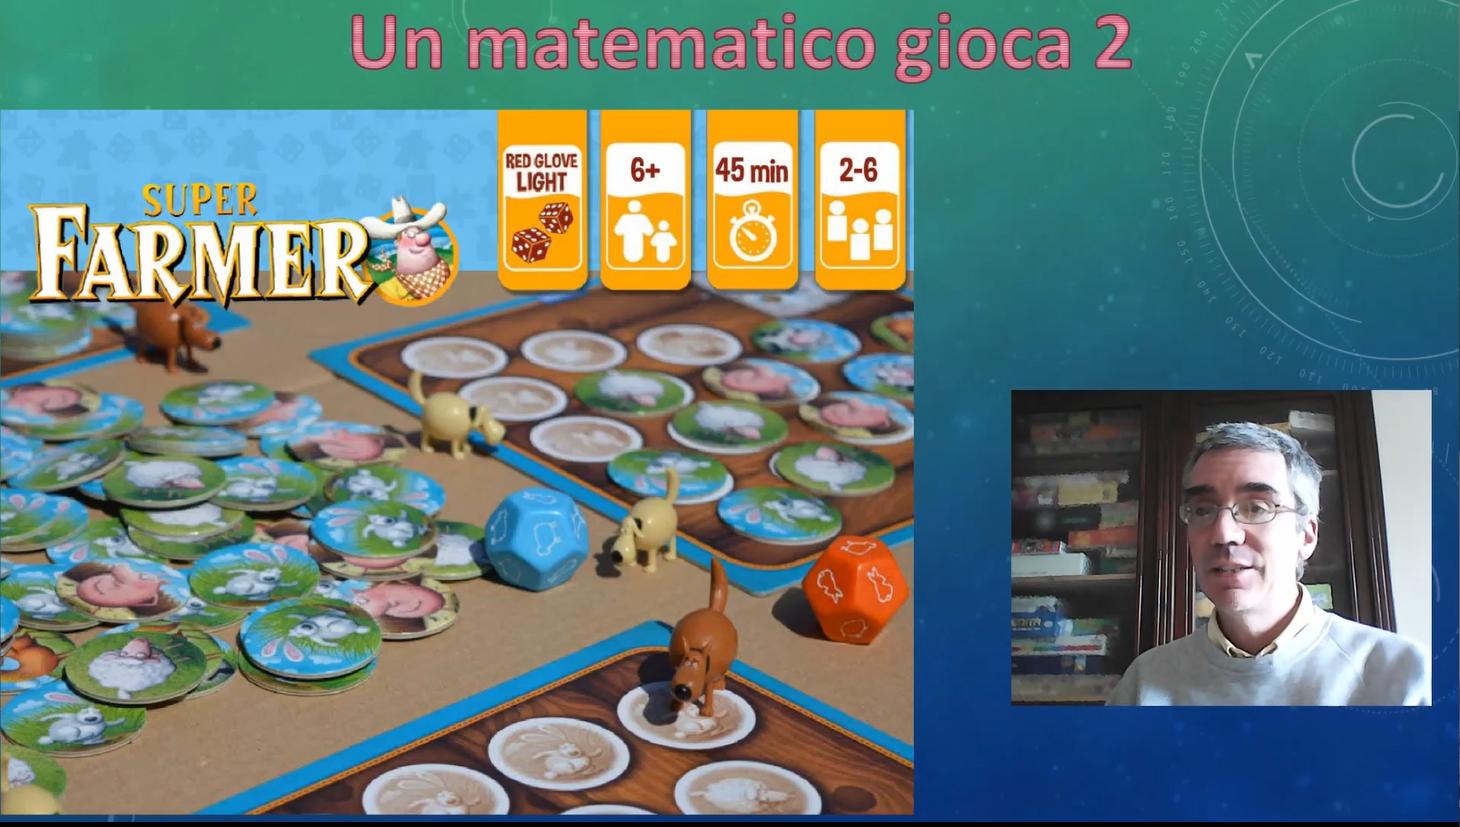 Un matematico gioca 2: Super Farmer